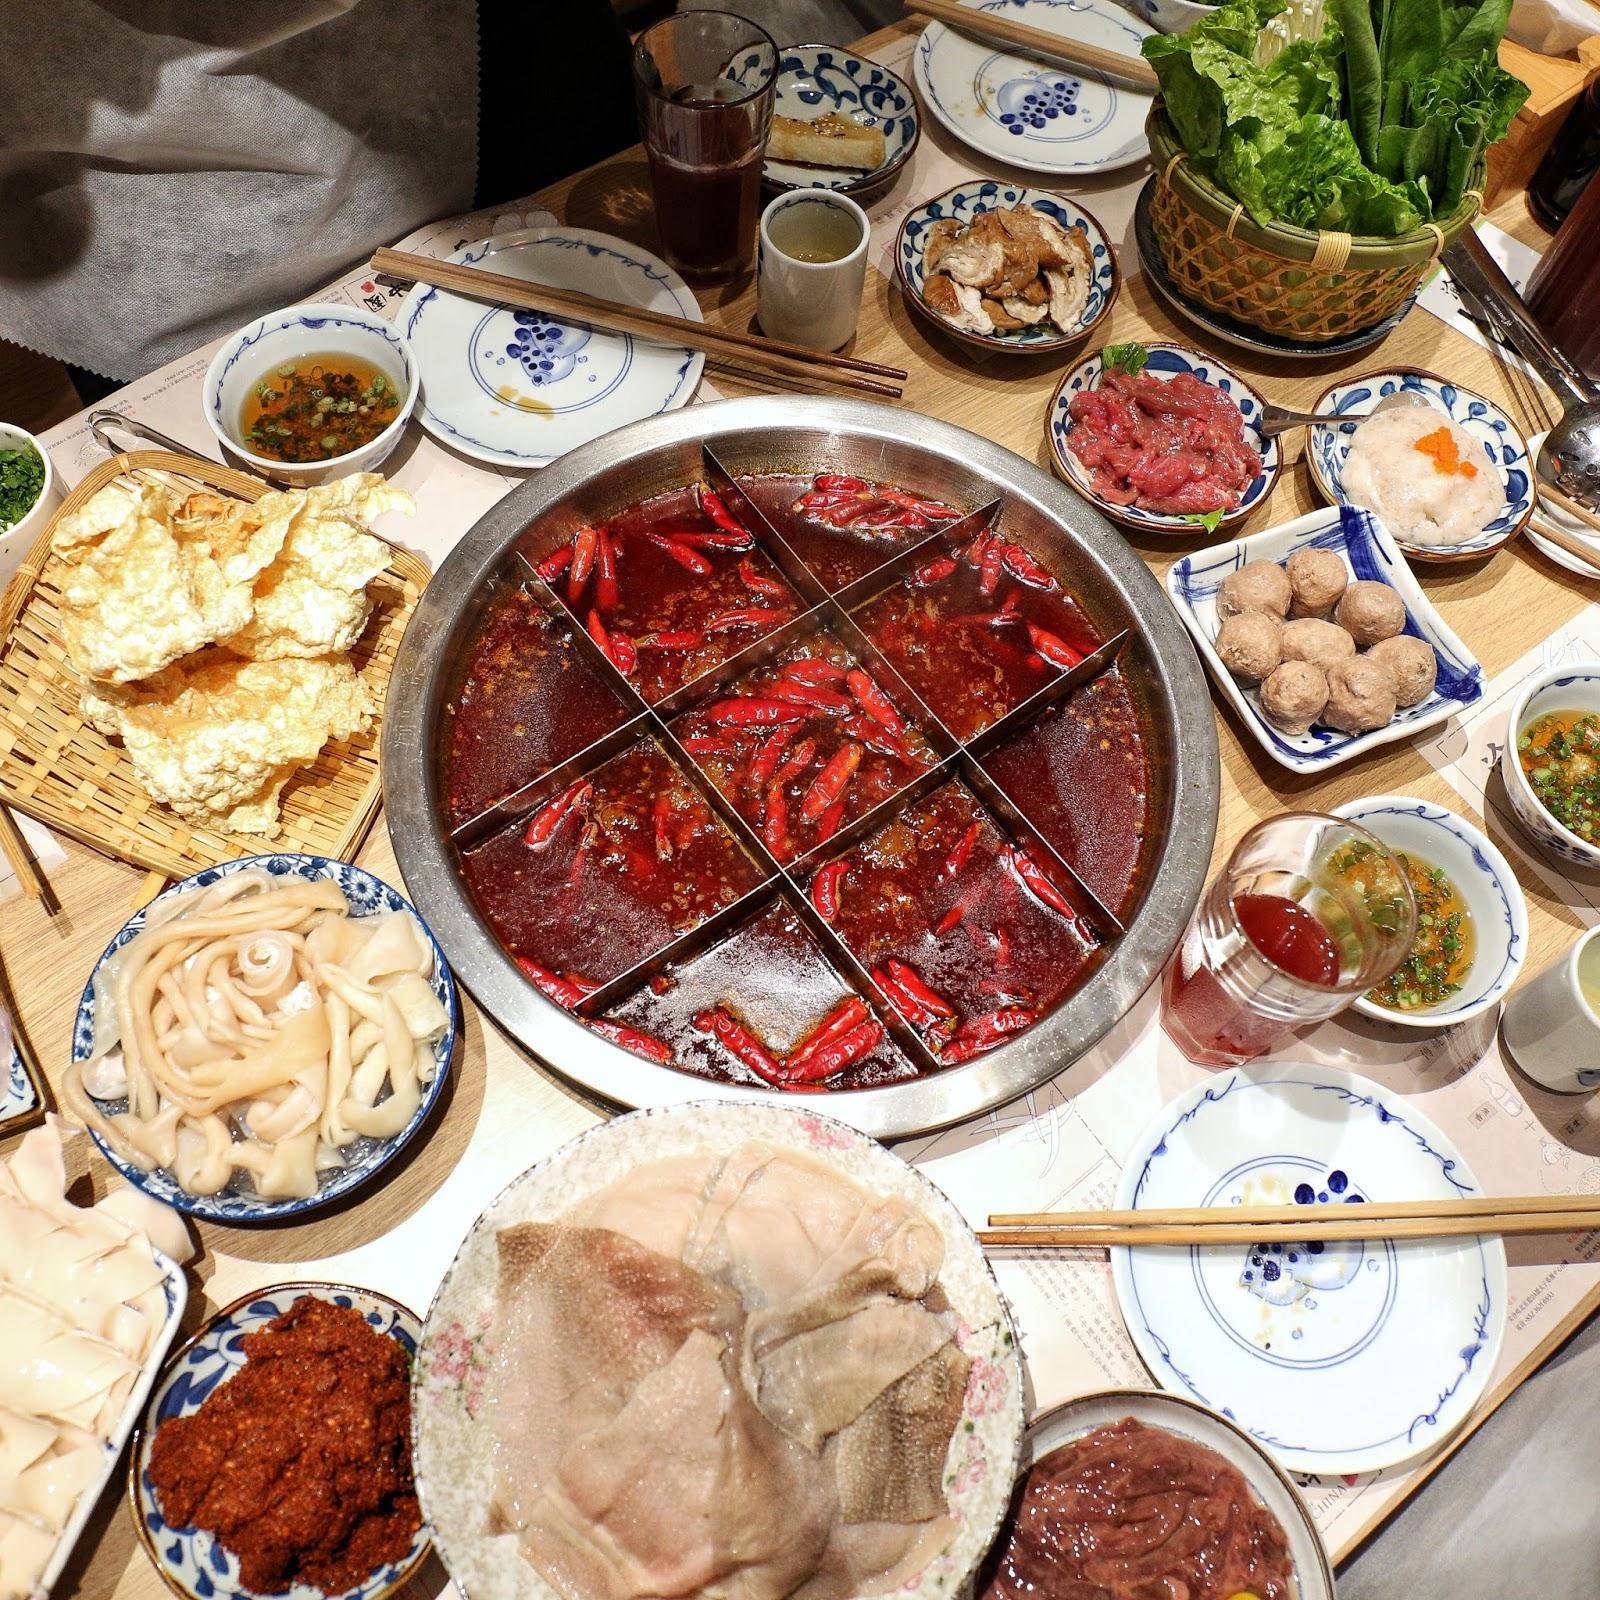 渝味曉宇重慶老火鍋 ♨ Xiao Yu Hotpot Restaurant ♨ | 甜魔媽媽新天地 – U Blog 博客